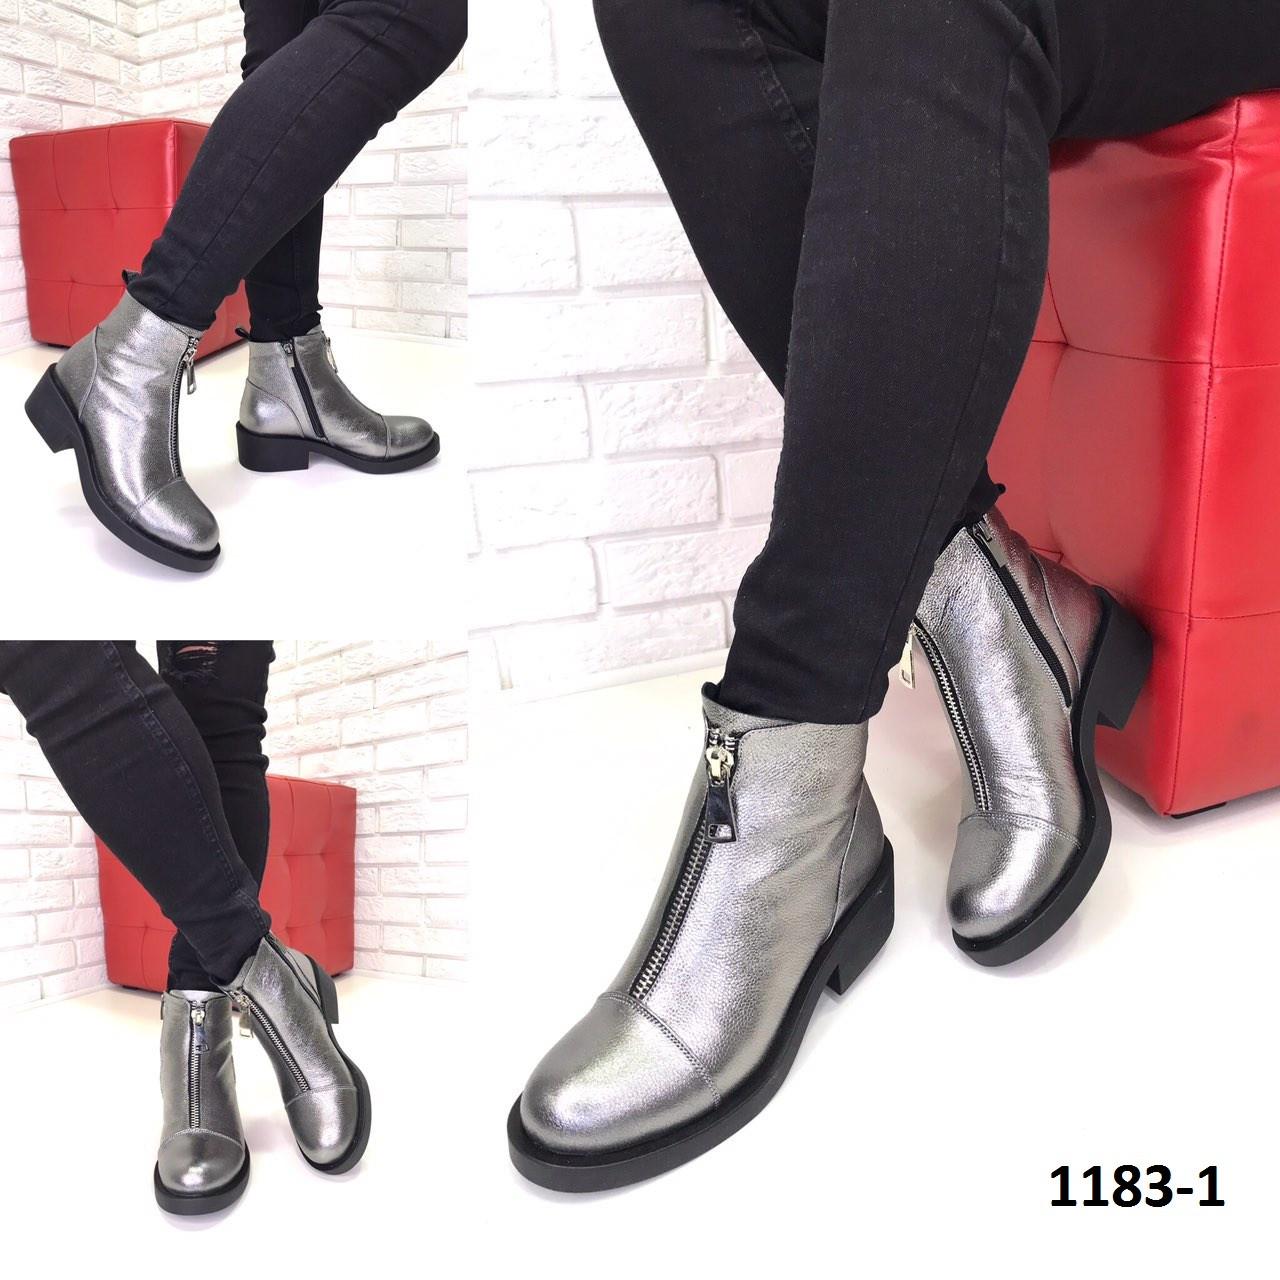 8f321f545 Женские кожаные ботинки зима никель - СУМКИ, ОБУВЬ И АКСЕССУАРЫ ИЗ  НАТУРАЛЬНОЙ КОЖИ ОТ ПРОИЗВОДИТЕЛЯ